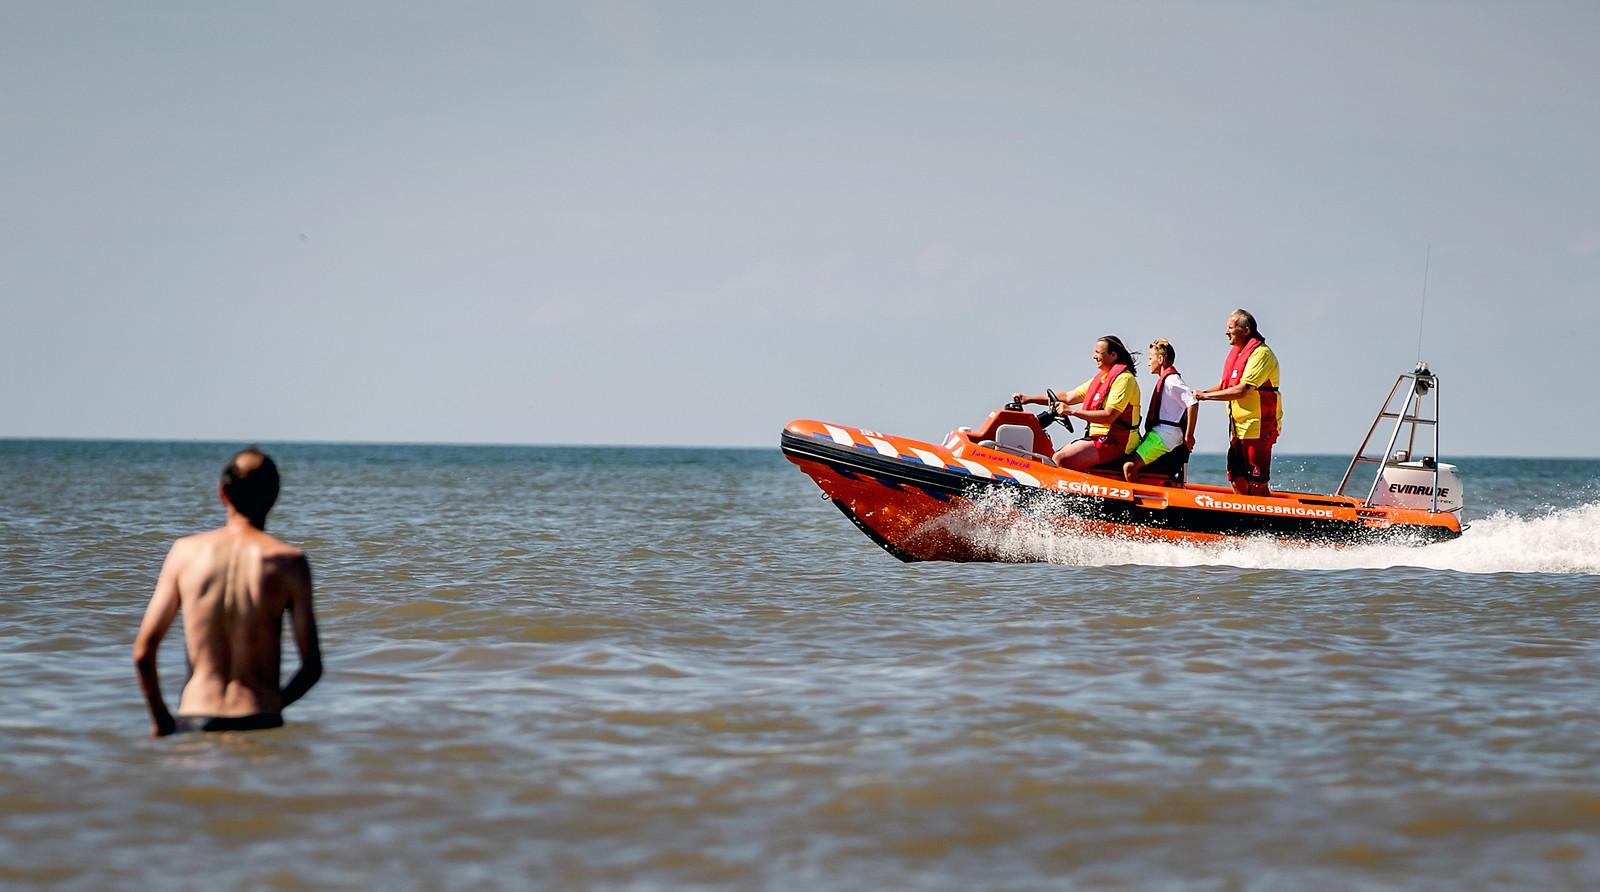 De reddingsbrigade aan het werk voor de kust bij Egmond aan Zee.